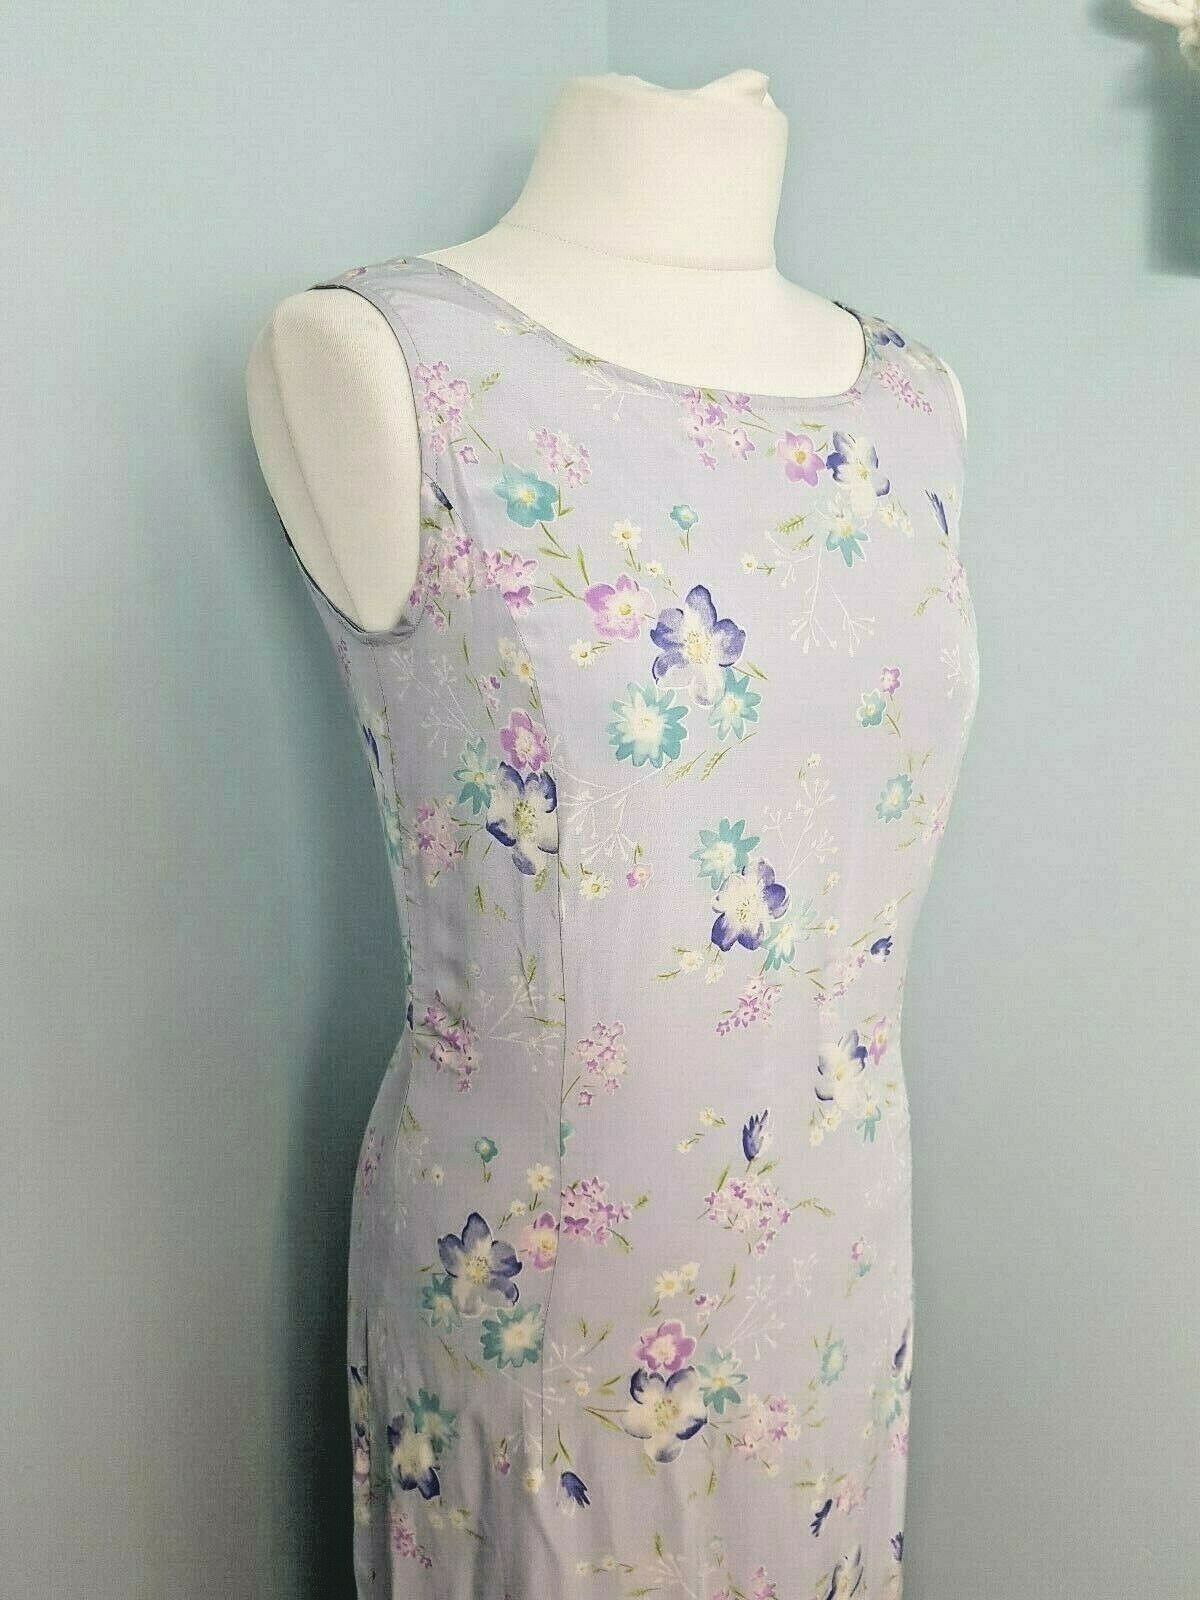 Vintage Laura Ashley Dress Gown 100% Silk lila Lilac Floral 8 NWT